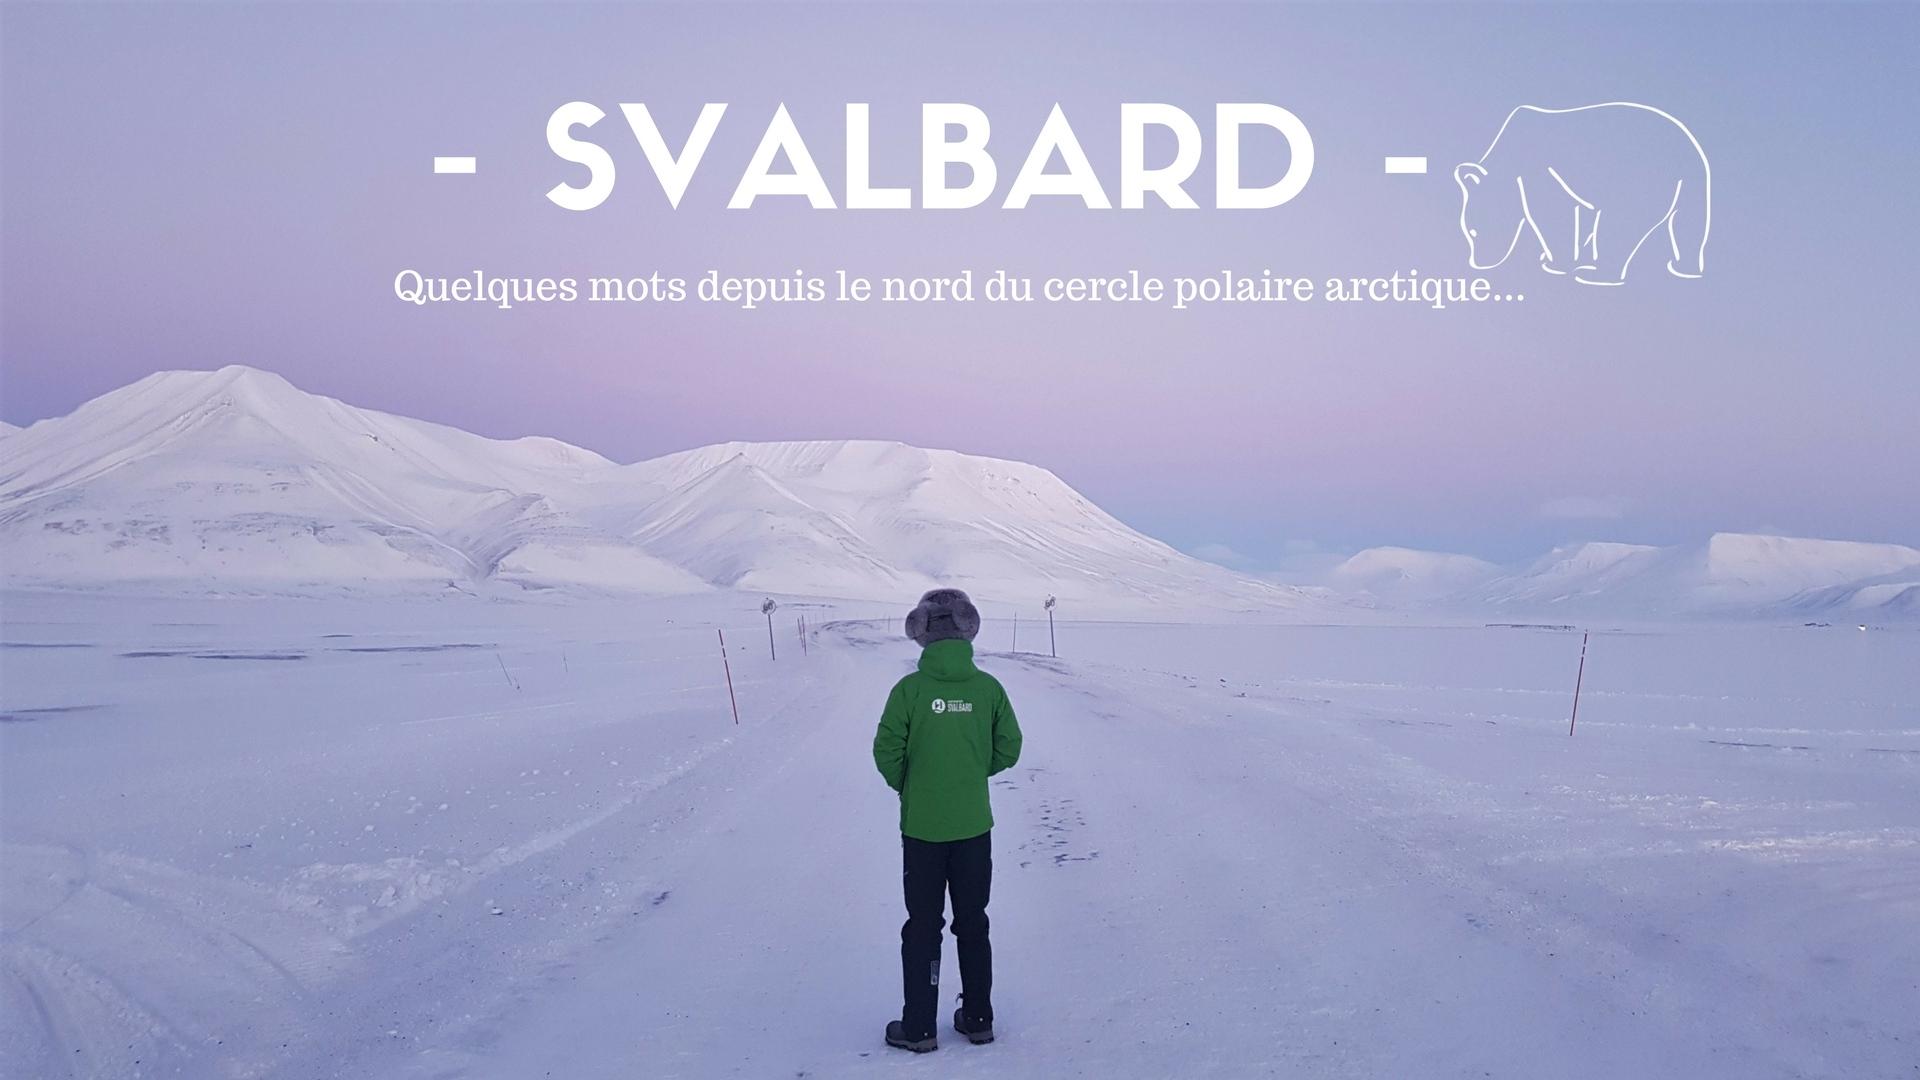 SVALBARD : Au nord du cercle polaire arctique...